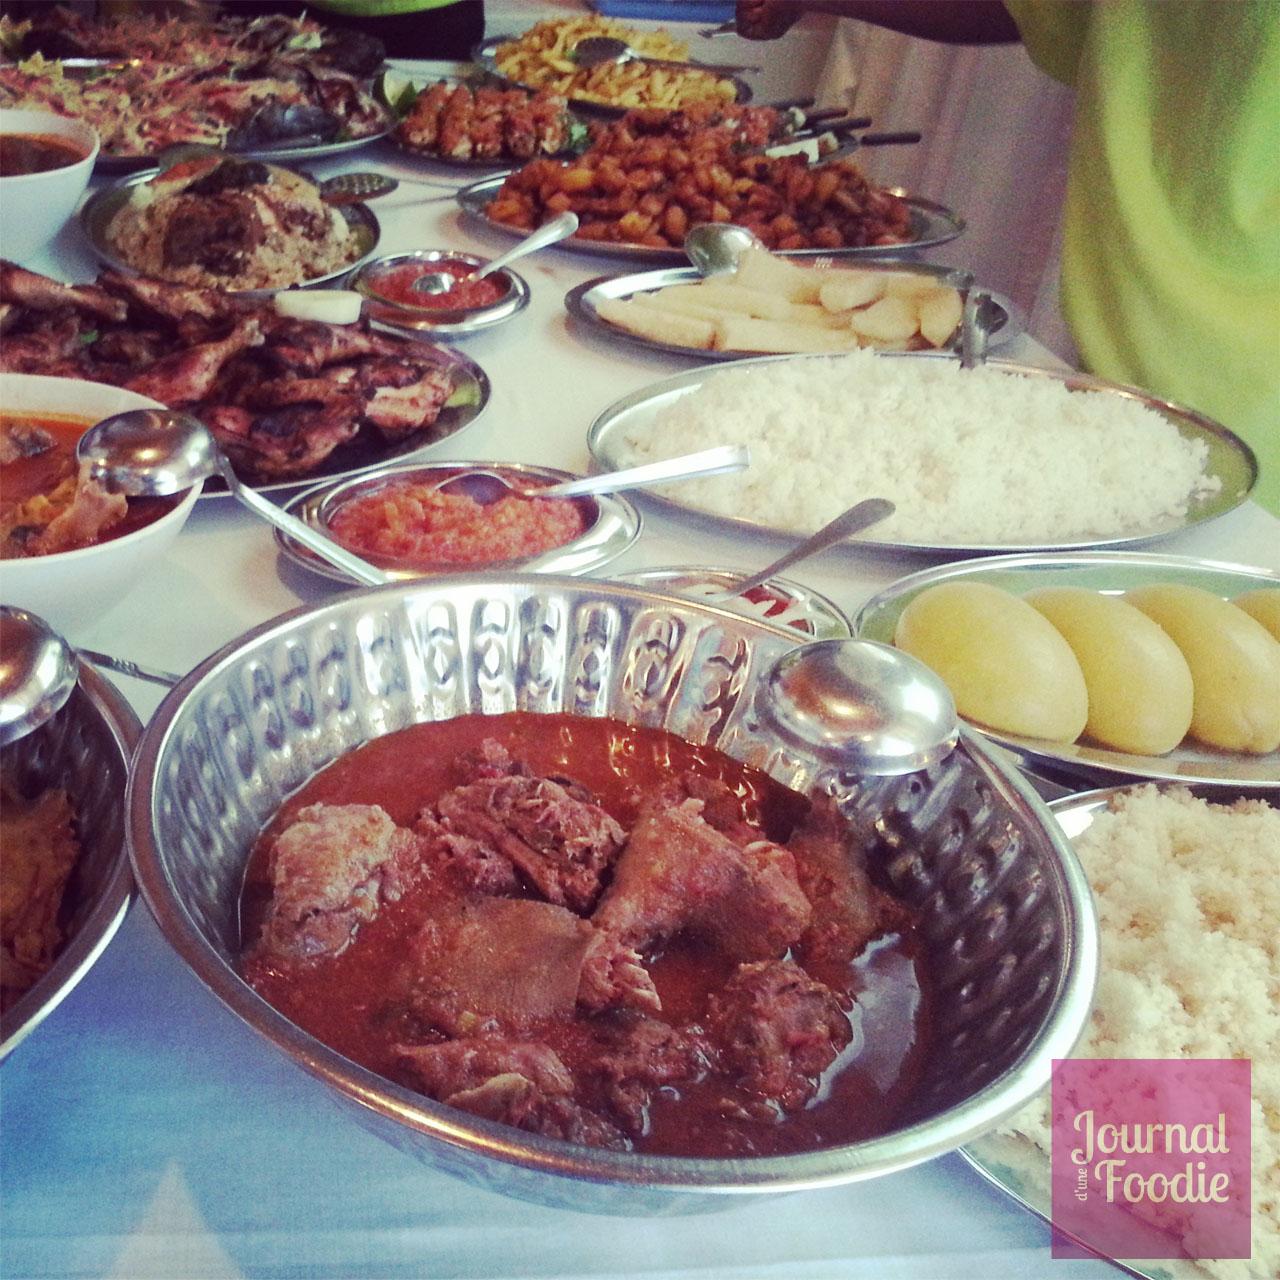 Le top 10 des restaurants ivoiriens d 39 afrofoodie food - Specialite africaine cuisine ...